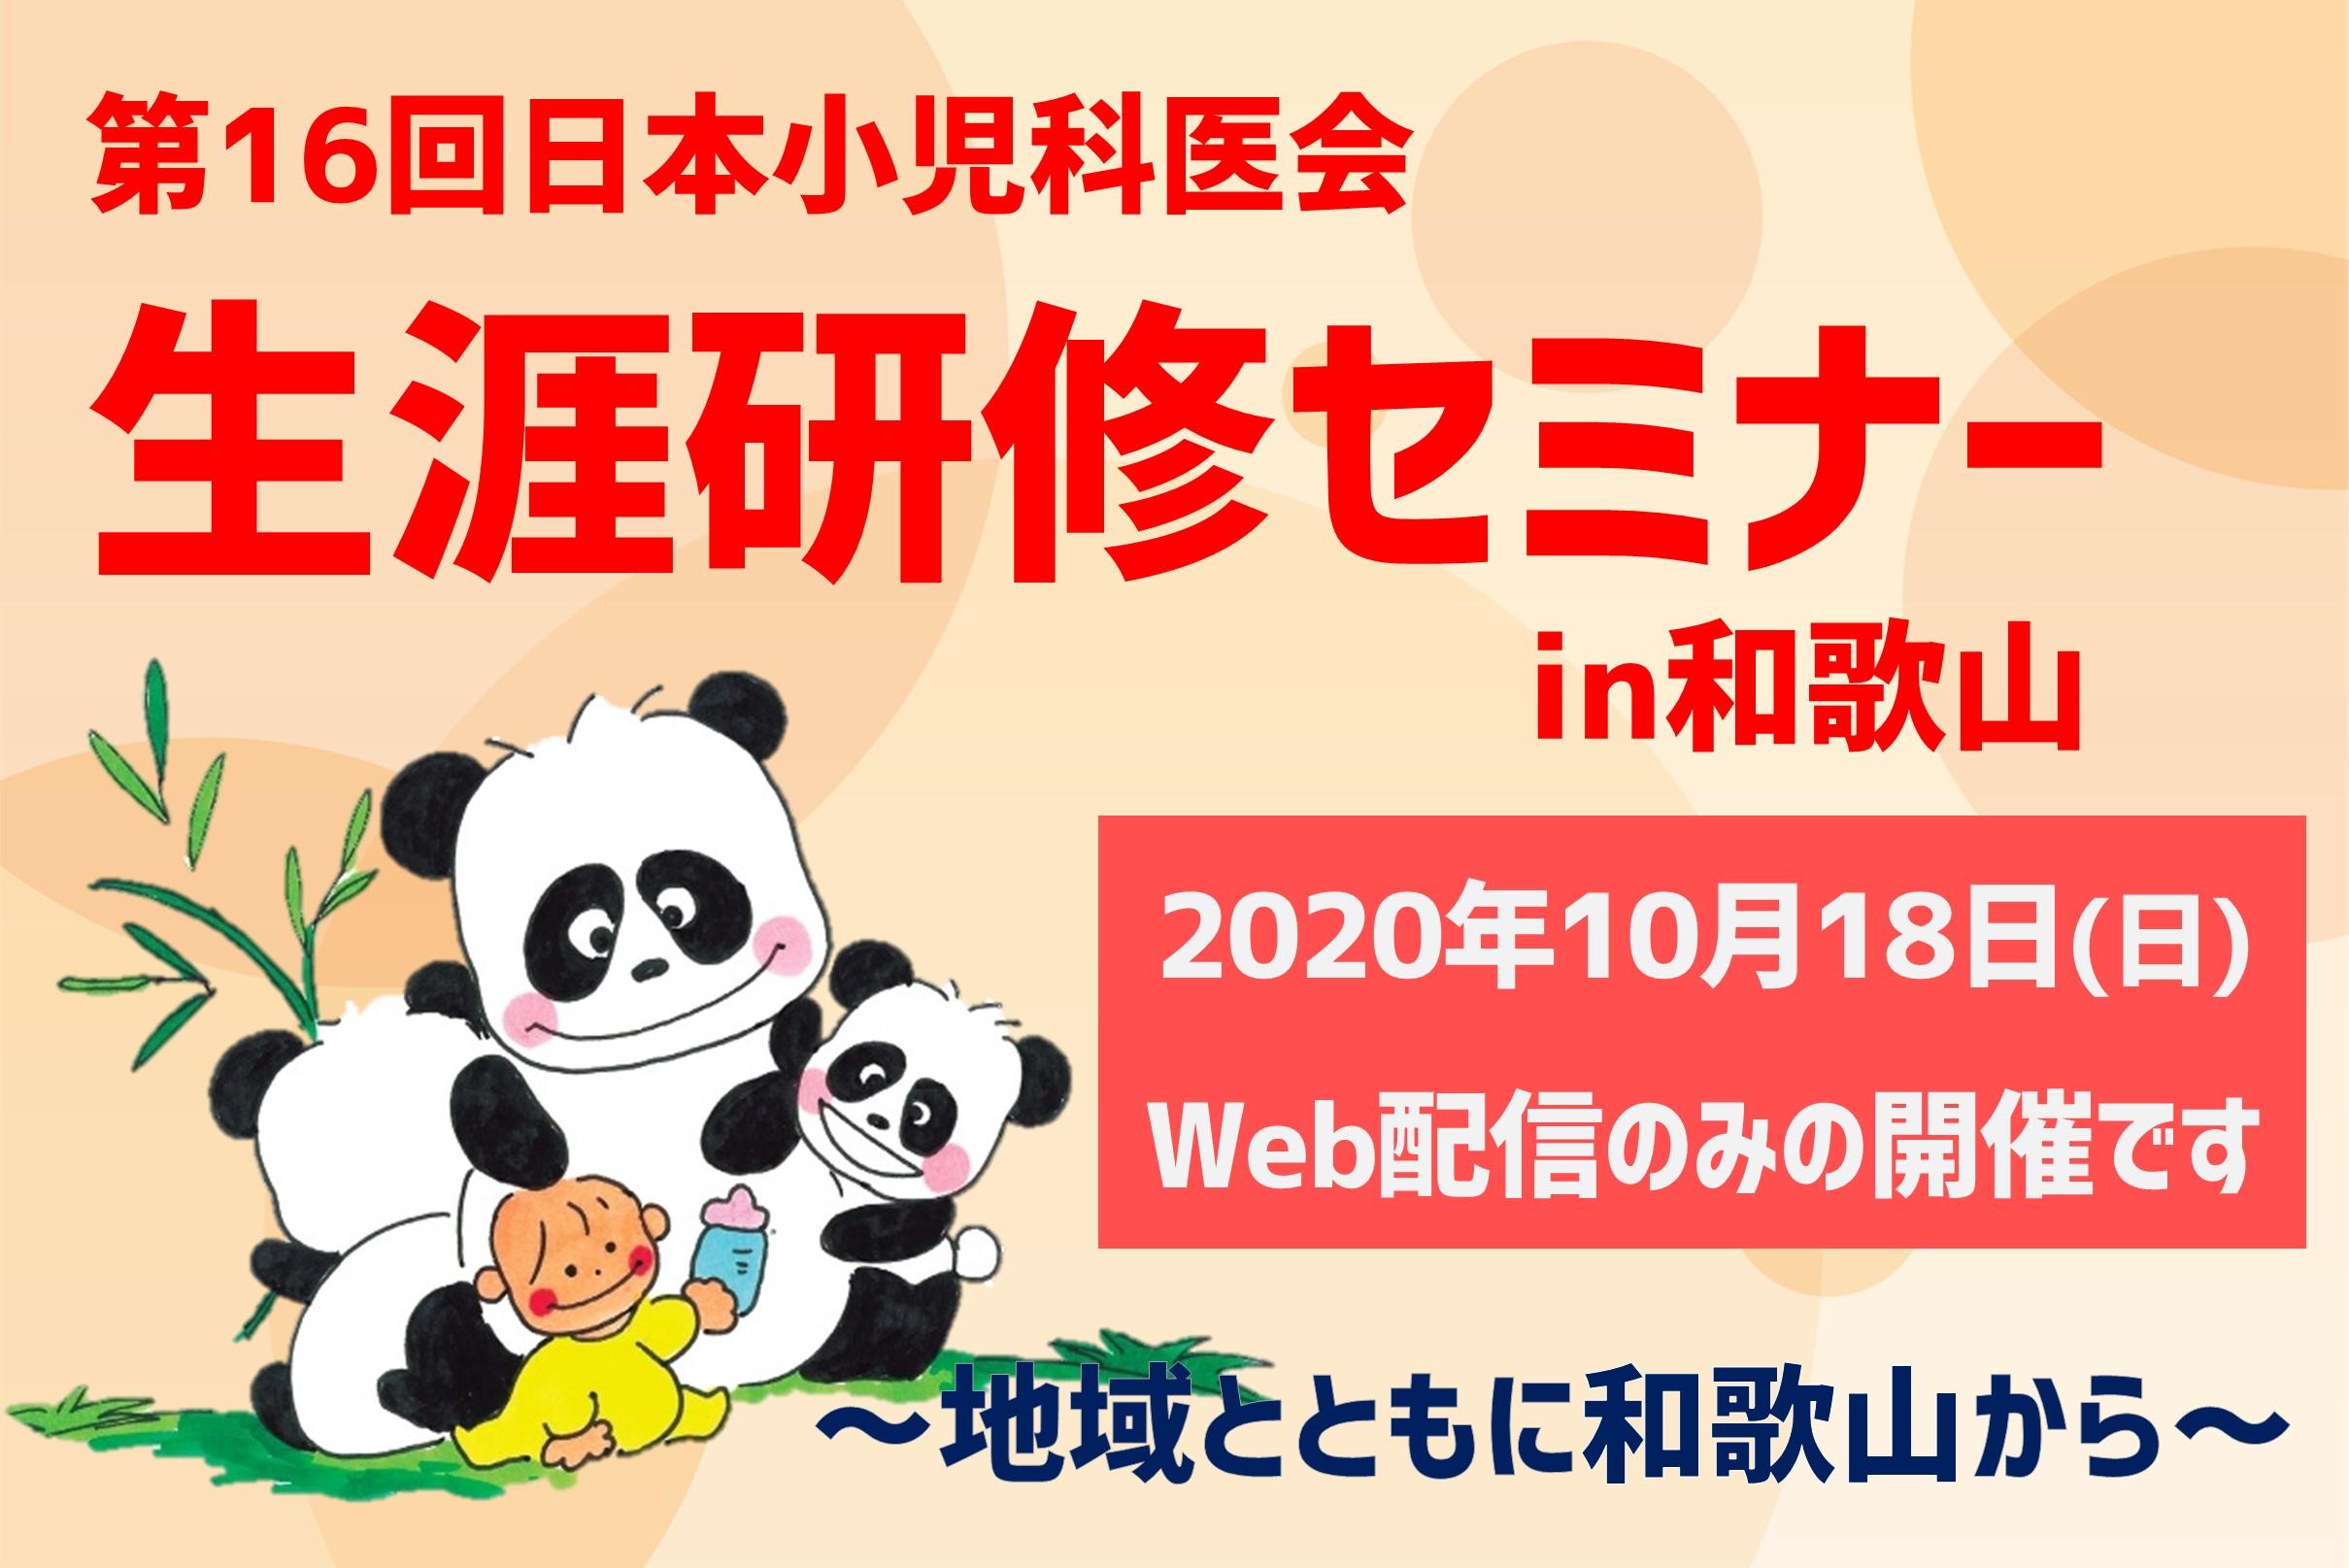 第16回日本小児科医会生涯研修セミナーのお知らせ